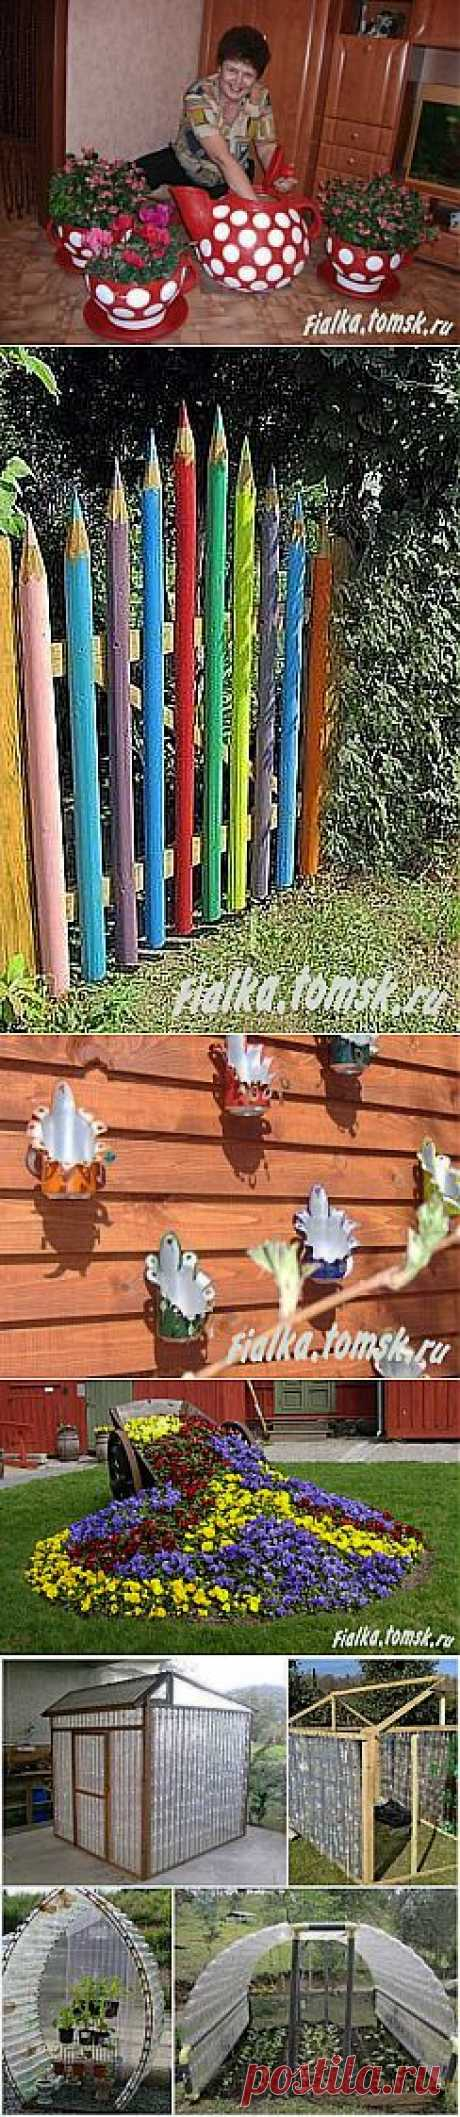 Дизайнерские мысли для дачи, сада или клумбы   ПолонСил.ру - социальная сеть здоровья